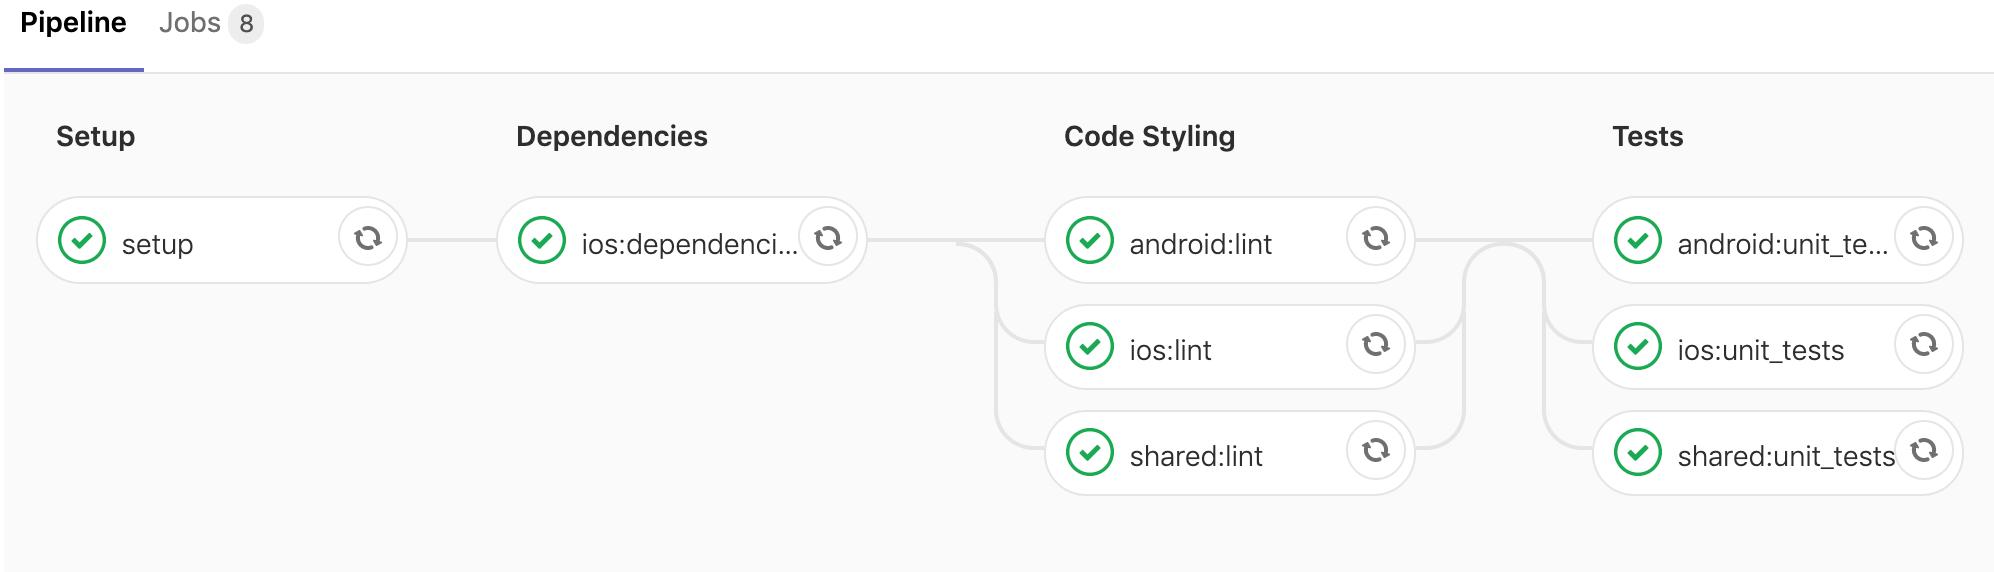 shared jobs screenshot